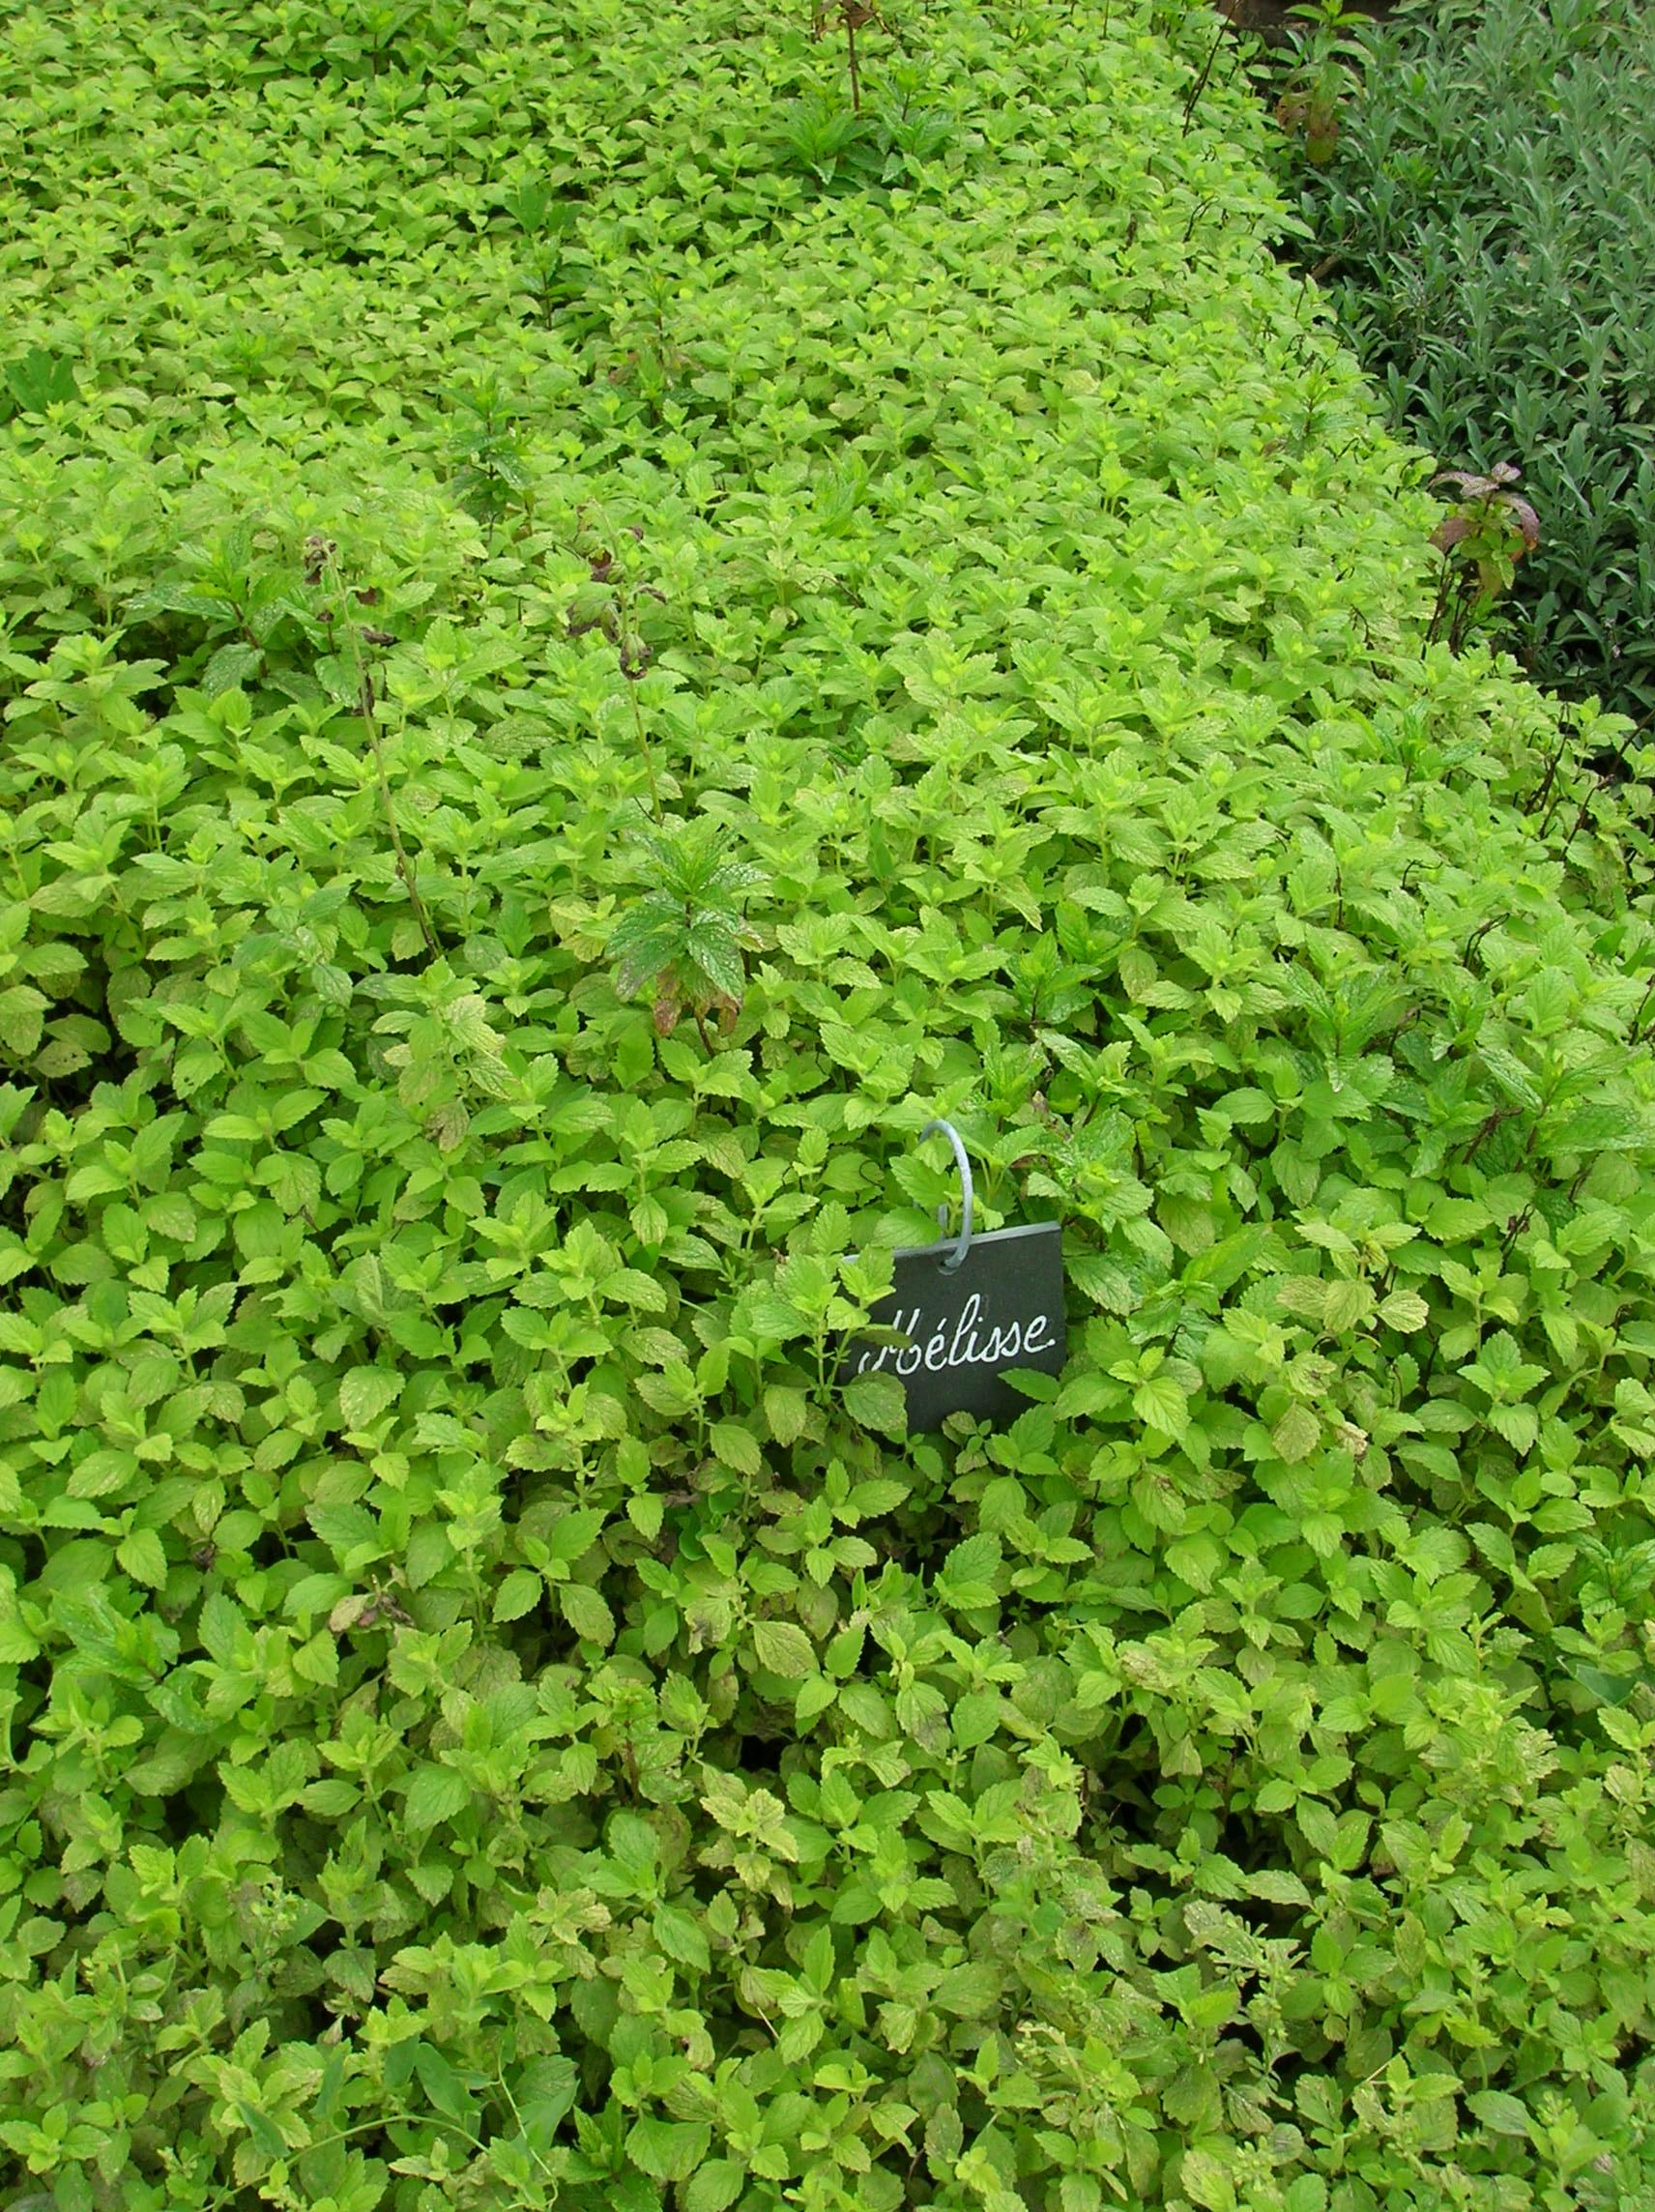 1000 images about lemon balm on pinterest lemon lemon for Planting lemon seeds for smell